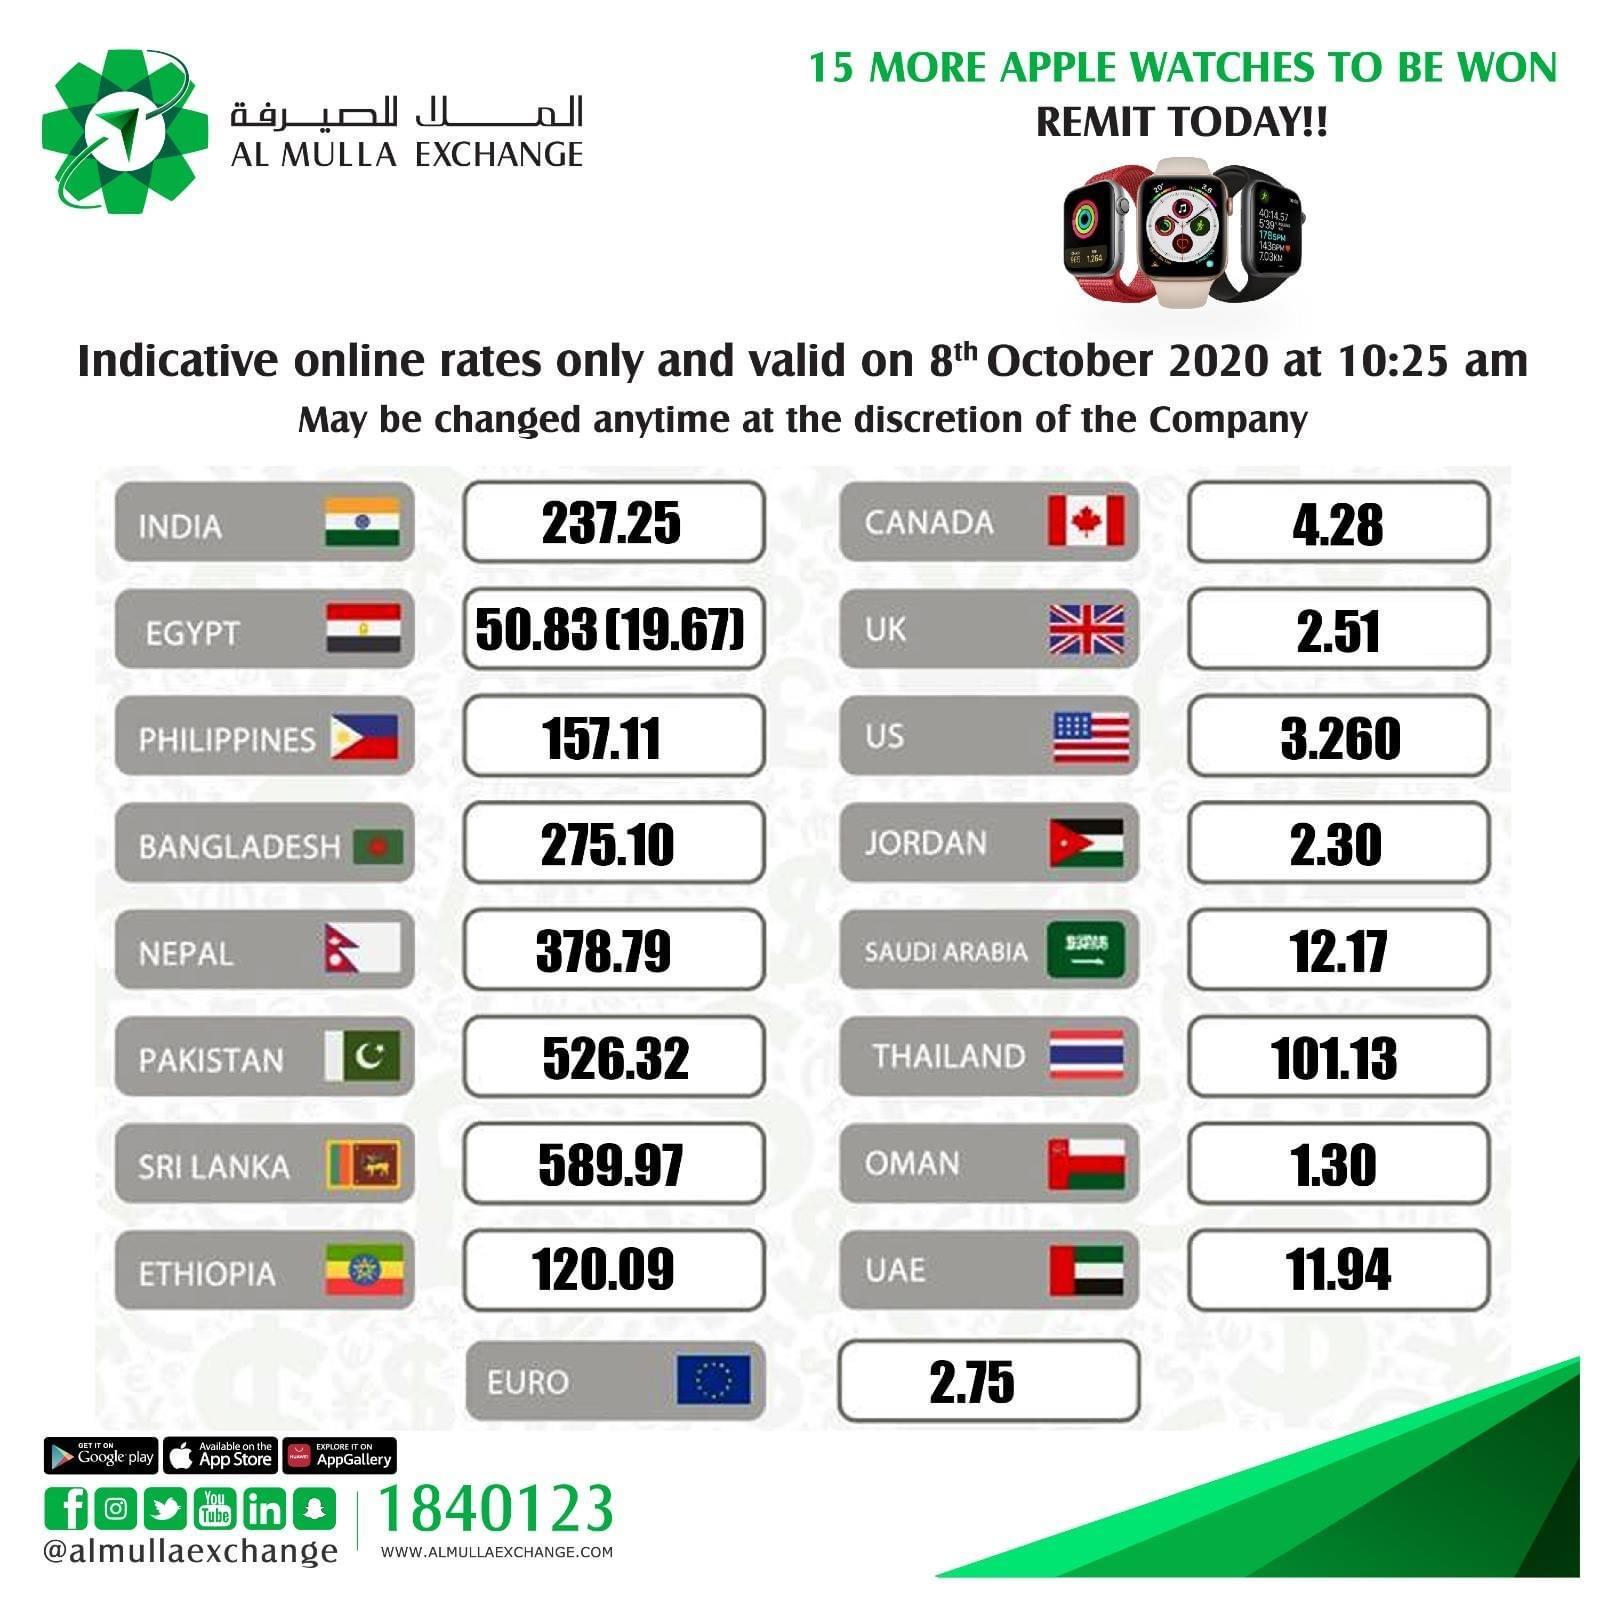 سعر التحويل الدينار الكويتي سعر الف جنيه مصري الملا ٨ اكتوبر ٢٠٢٠